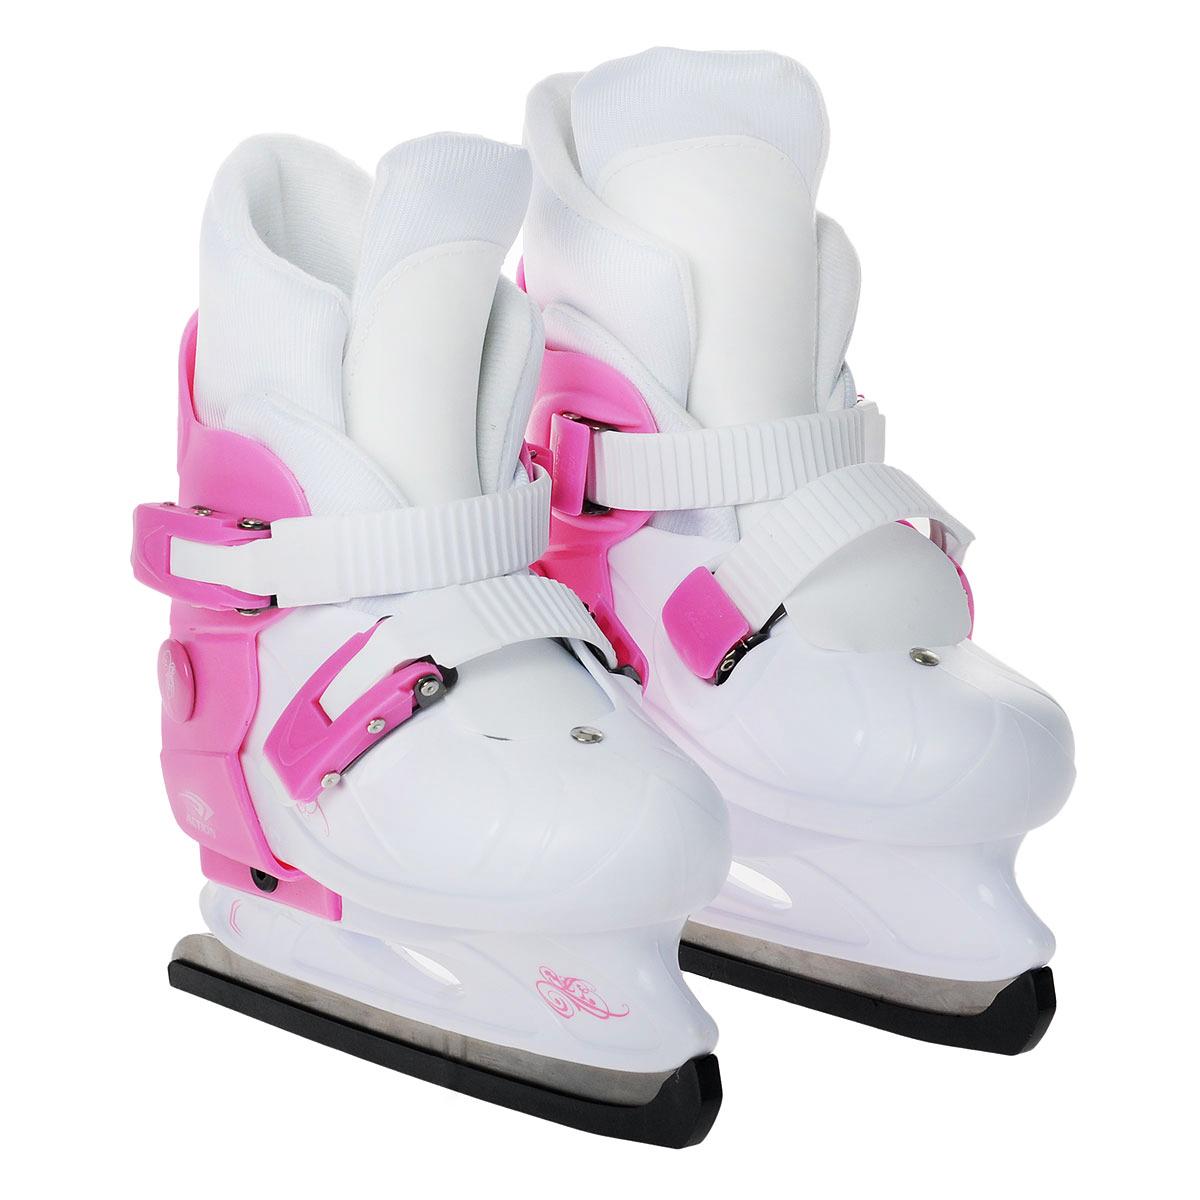 Коньки детские Action PW-219, раздвижные, цвет: розовый, белый. Размер 33/36ASE-611FКоньки Action PW-219 предназначены для любительского катания на искусственном и естественном льду, произведены из современных высококачественных материалов. Удобно, комфортно и просто изменить размер коньков. Удобный и надежный механизм застегивания, включающий две клипсы с фиксаторами, а так же специальная манжета, облегчающая ступню, делают катание на этих коньках безопасным и комфортным. Лезвие изготовлено из нержавеющей стали.